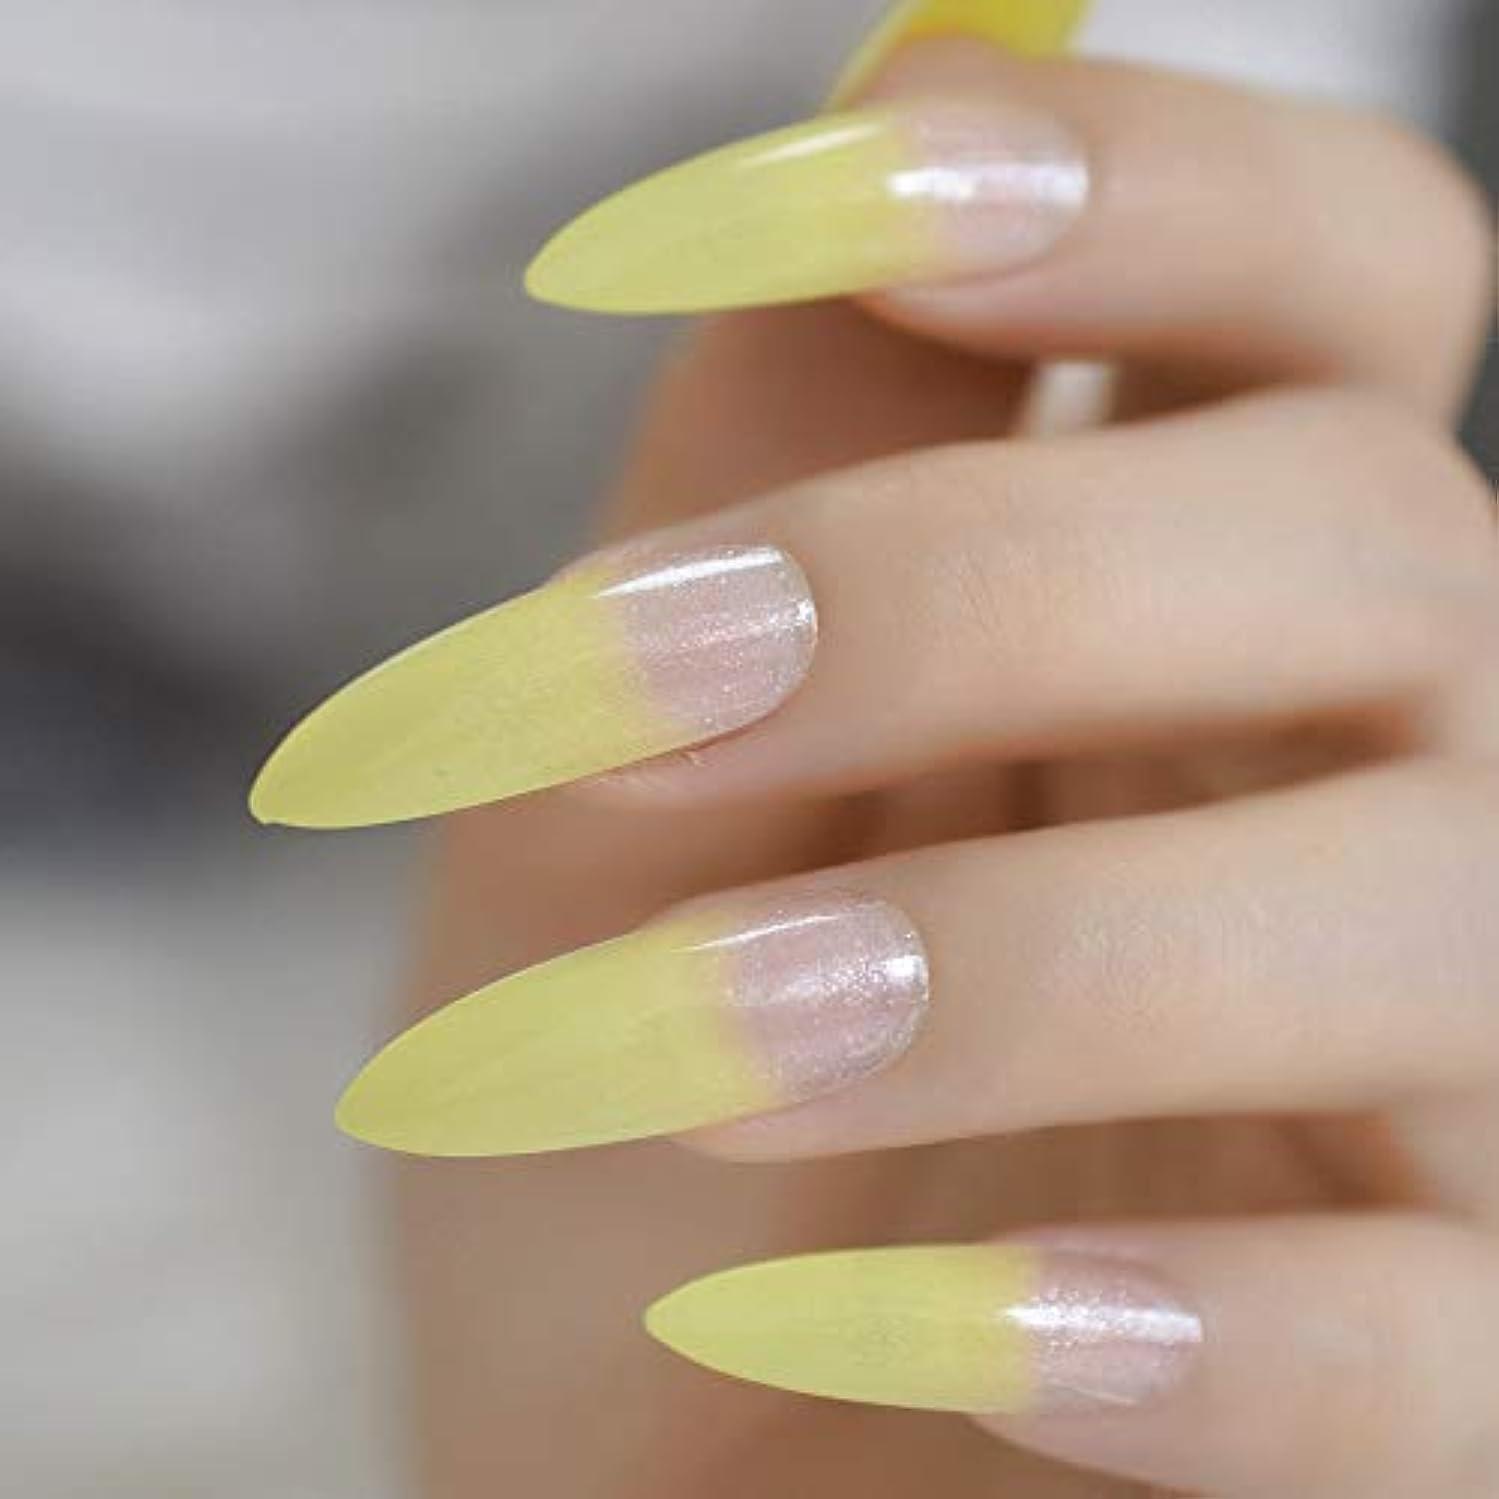 インドルアーサミットXUTXZKA 偽の指の爪のエクステンションデコに余分な長い爪の明るい黄色のグラデーションプレス